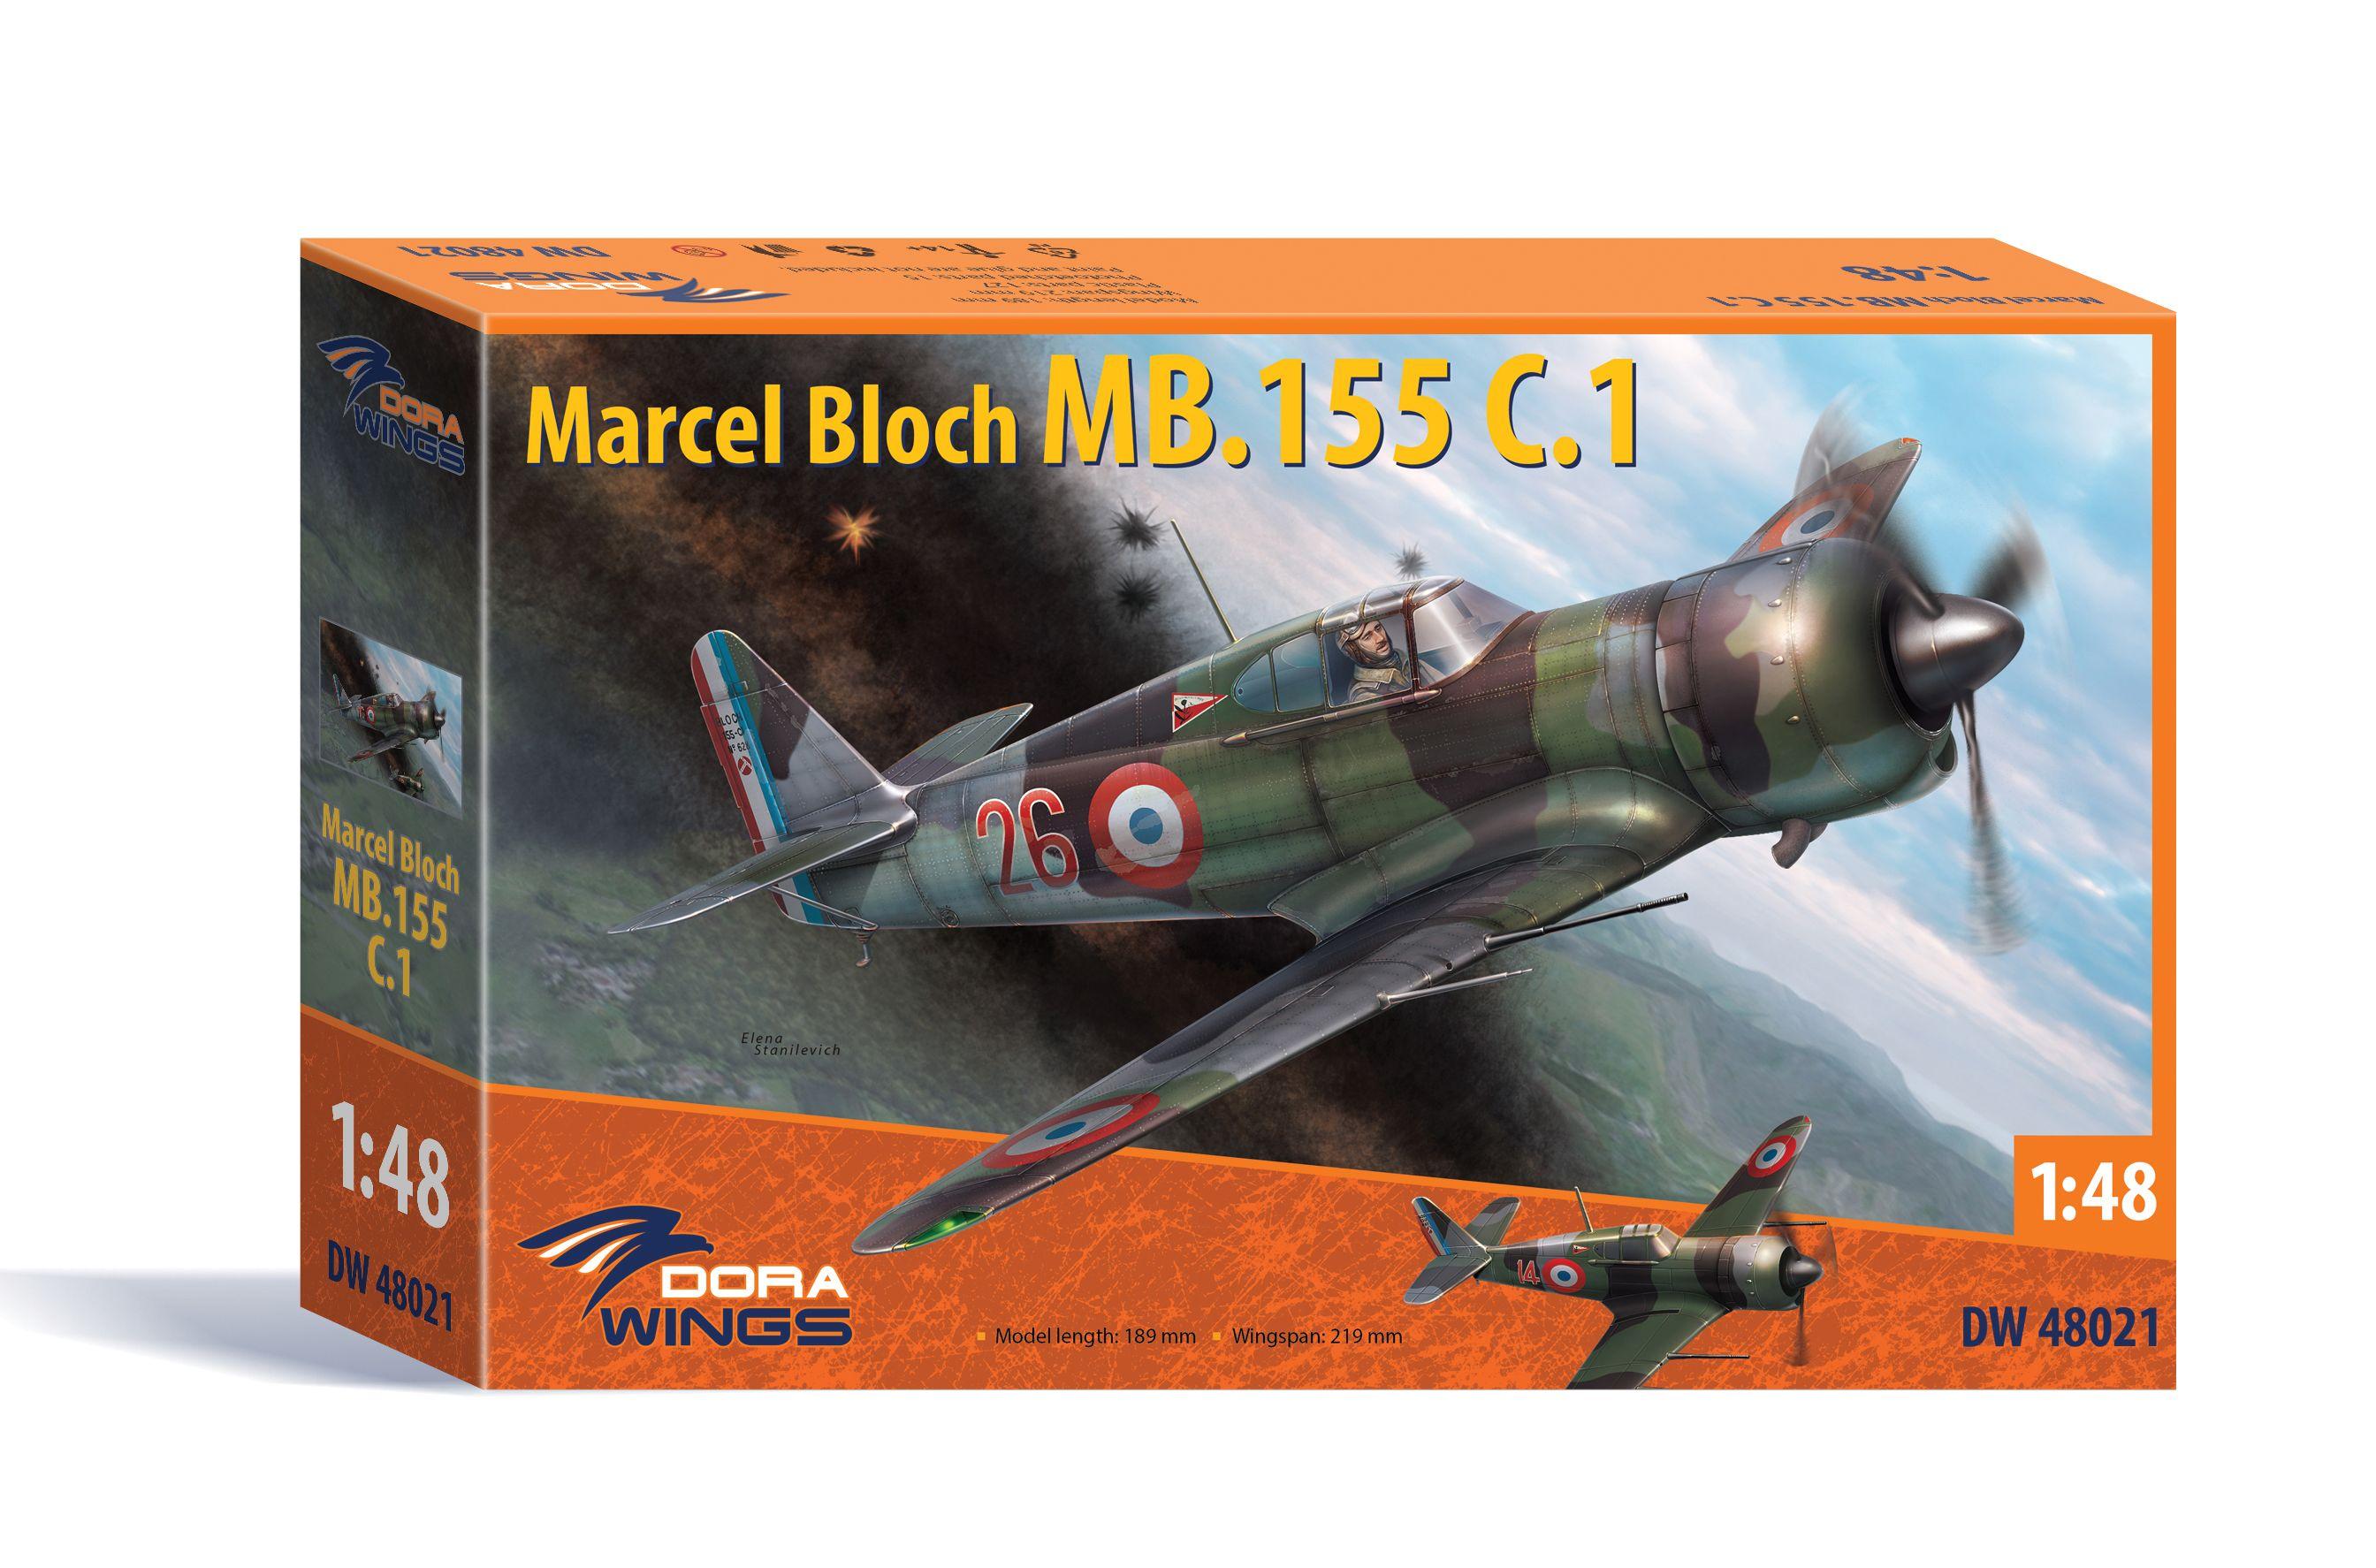 Dora Wings Bloch MB.155C.1